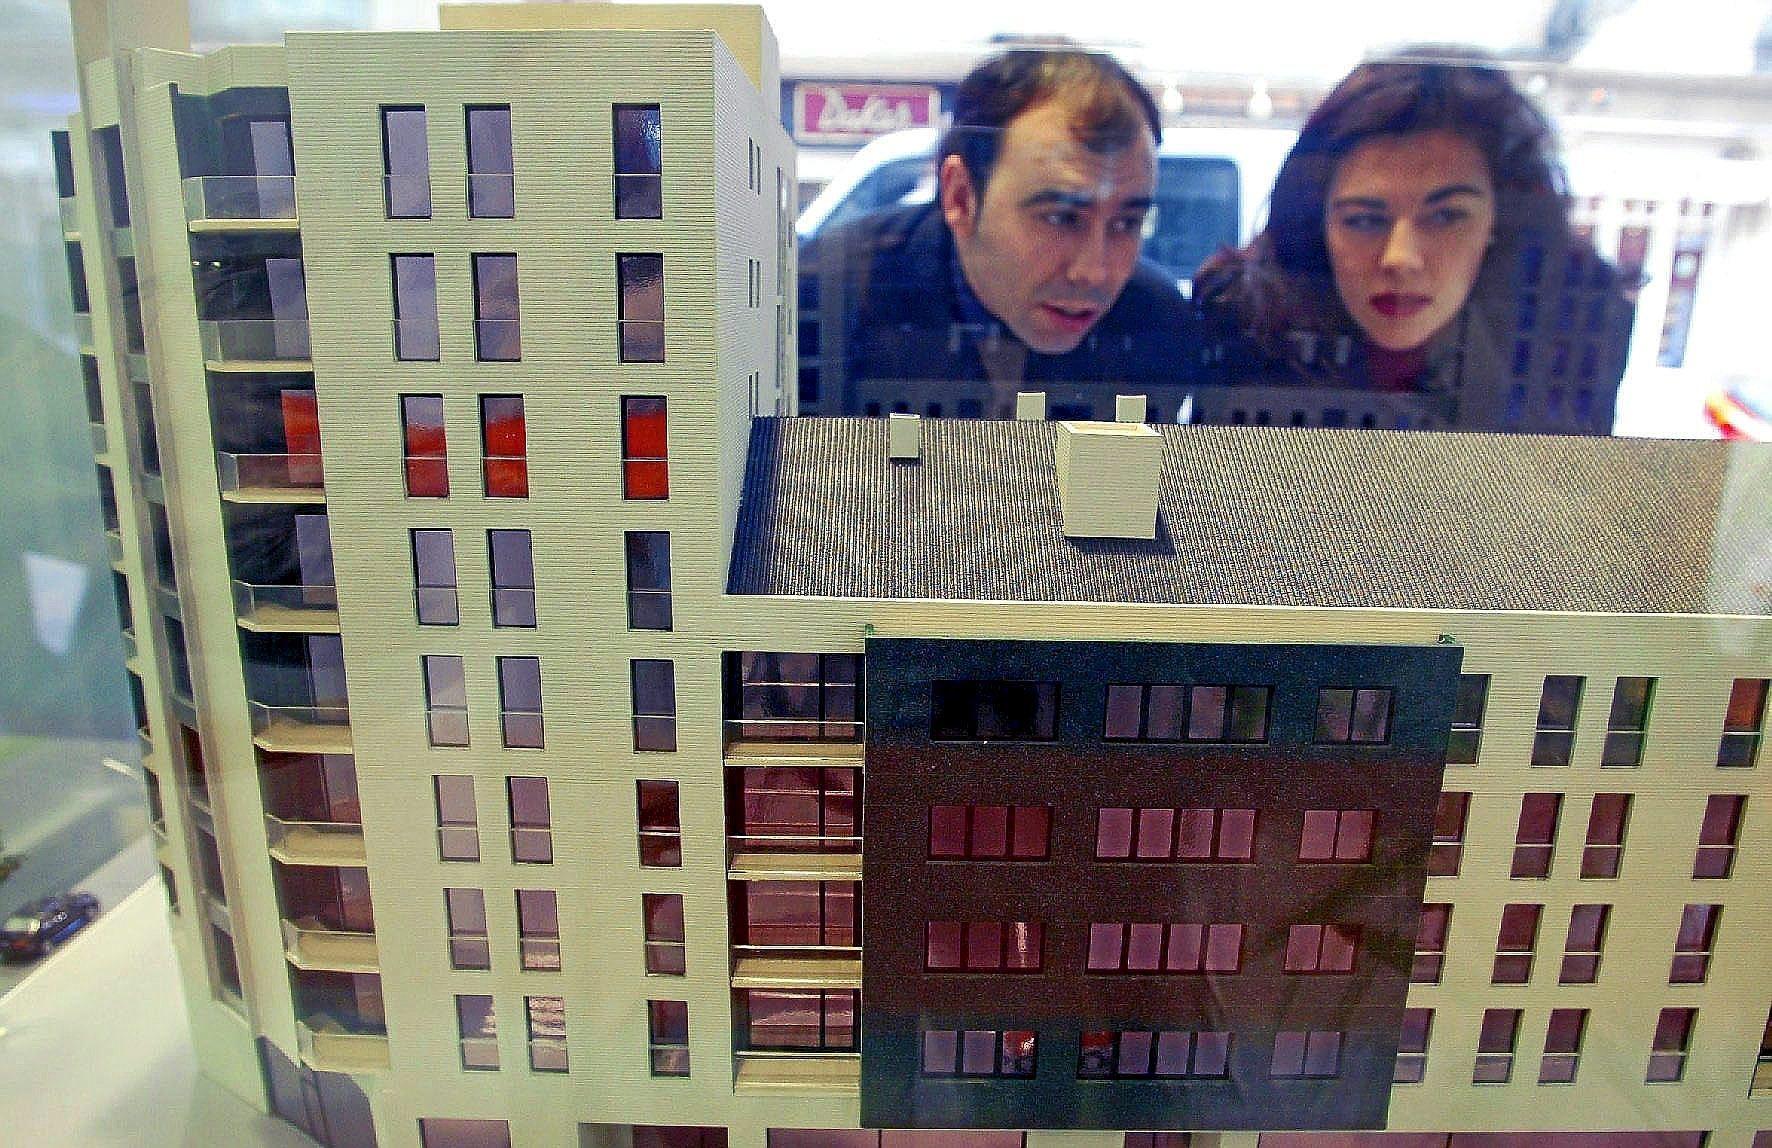 Una pareja examina la maqueta de un bloque de viviendas en venta.